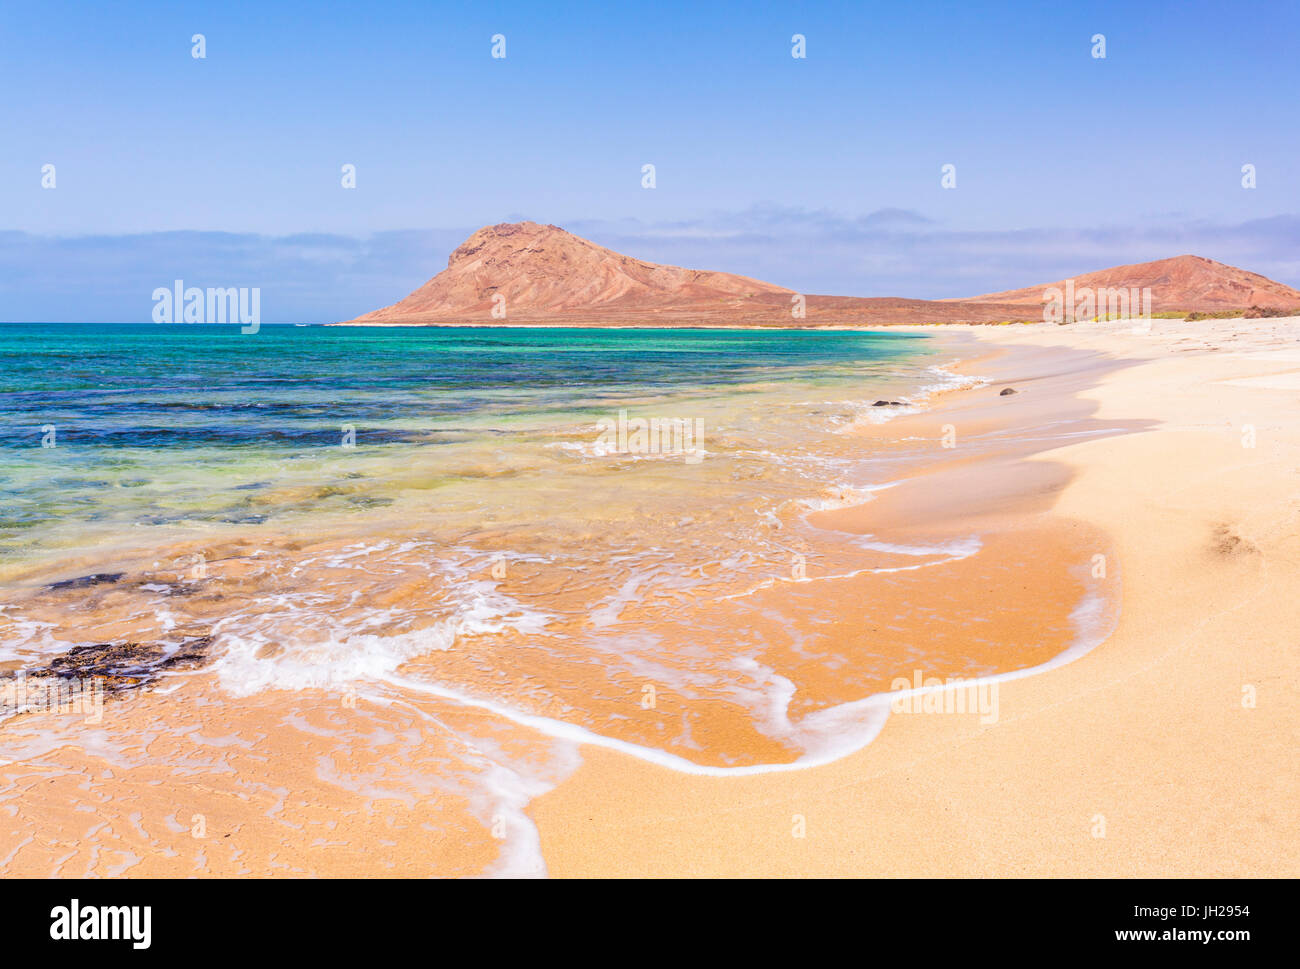 Leeren Sandstrand und die Bucht in der Nähe von Monte Leão Berg (Löwen schlafen), Insel Sal, Kap Verde, Atlantik, Stockfoto